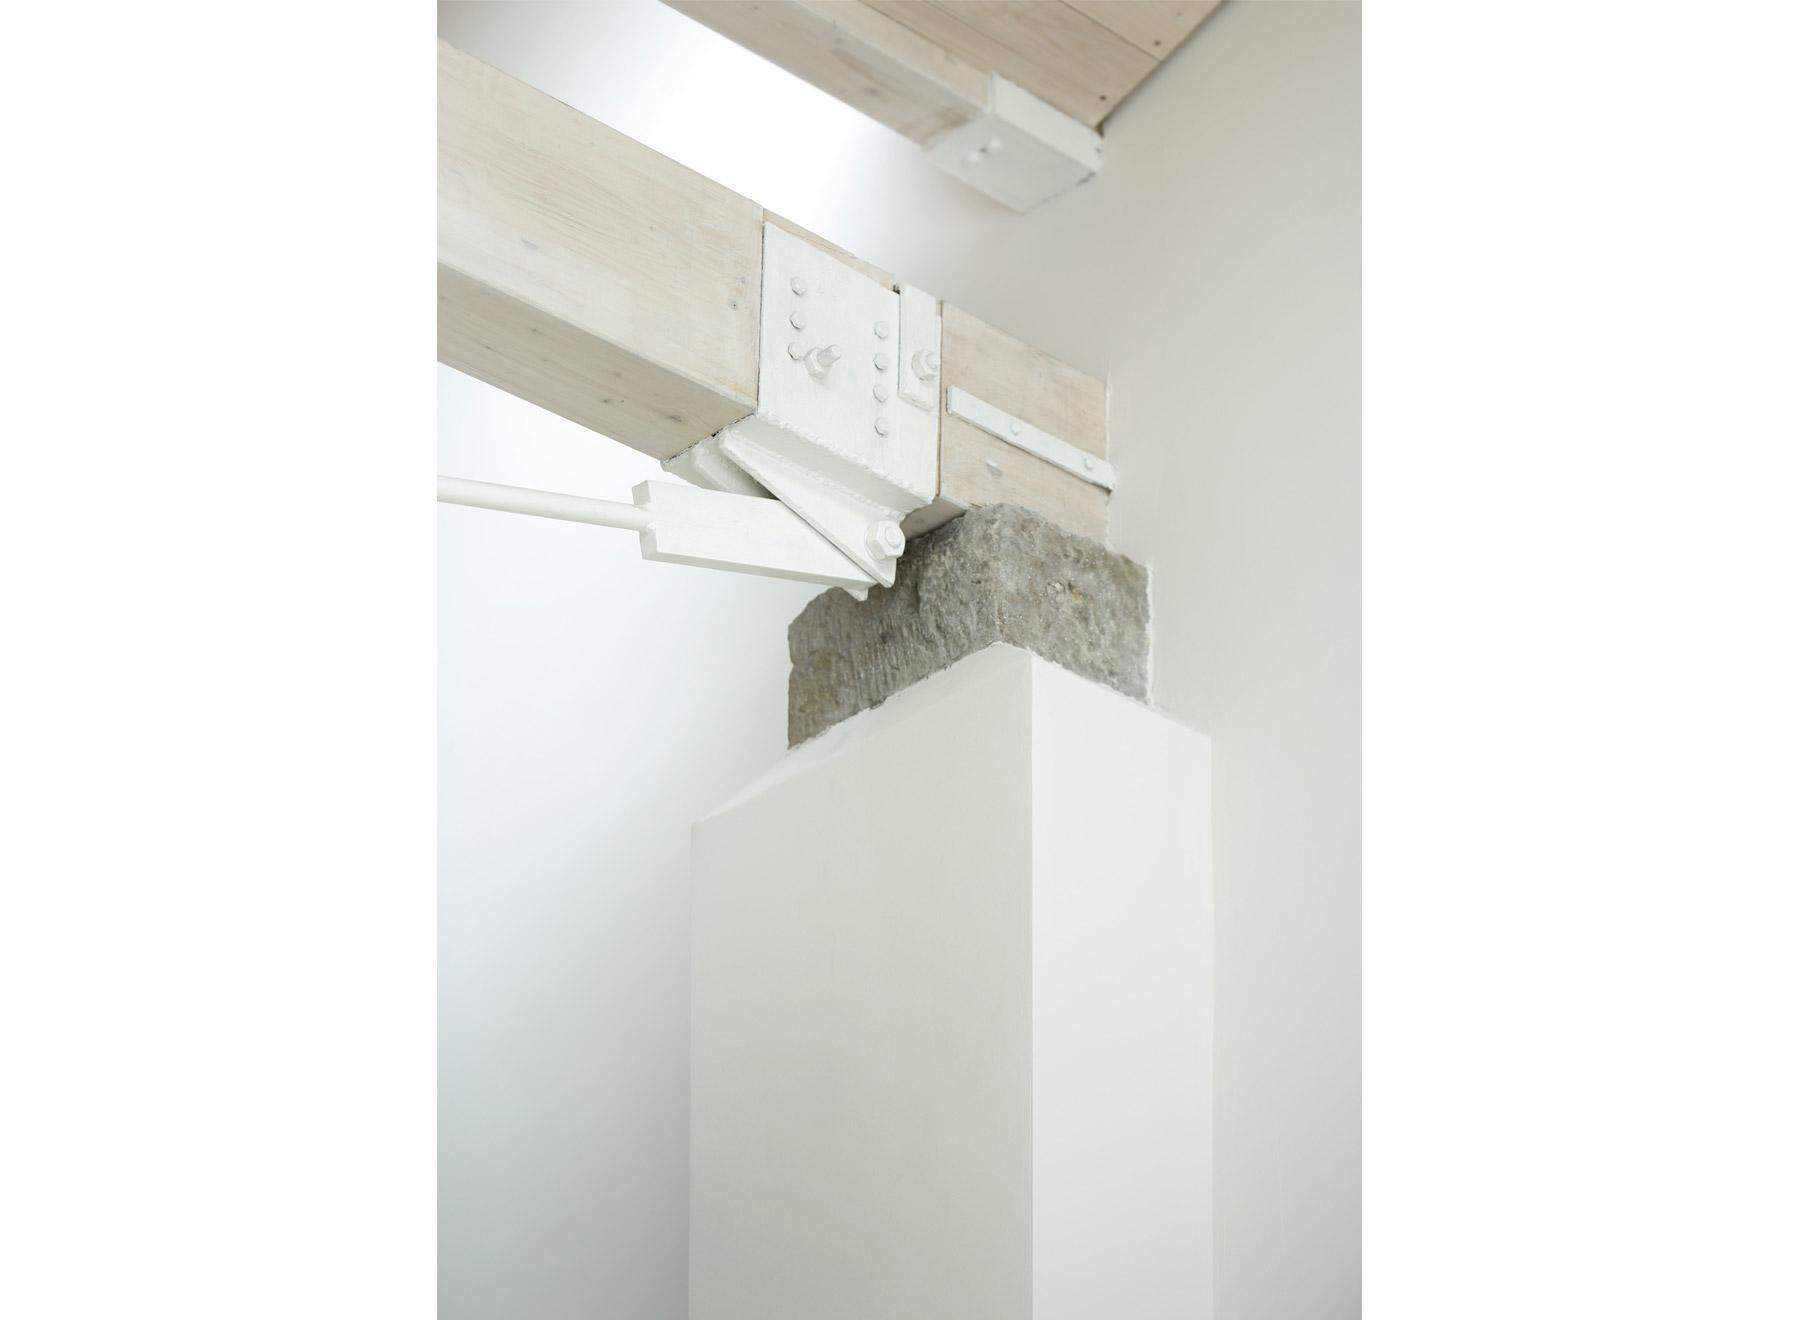 truss support, photo: Jan Rothstein